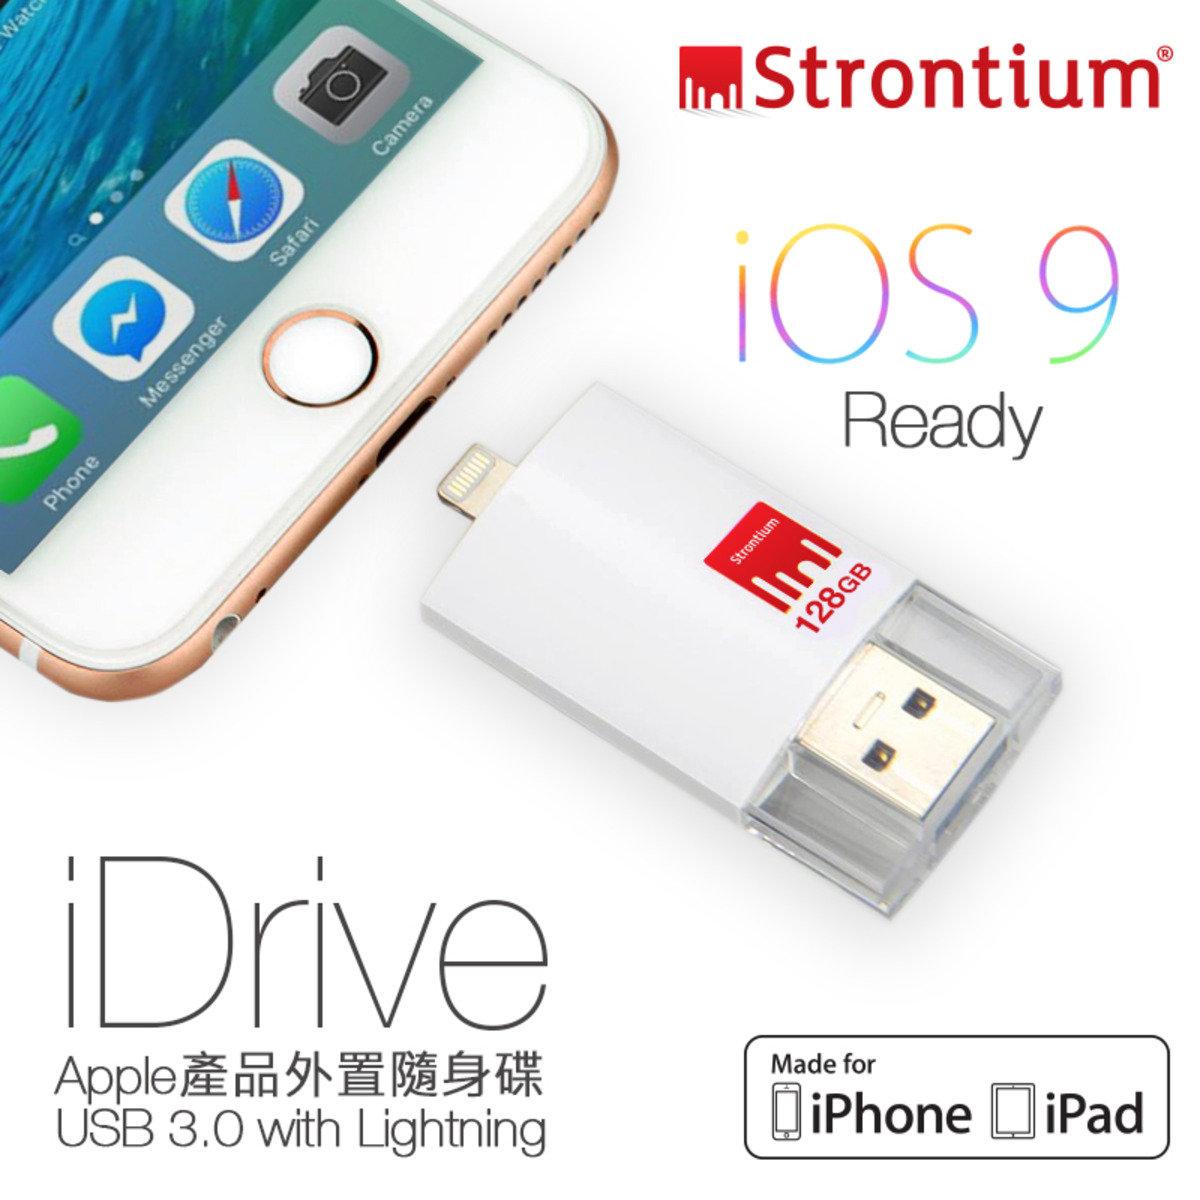 NITRO iDrive OTG 128GB 70MB/s USB 3.0 高速雙用隨身碟 (iPhone & iPad專用)